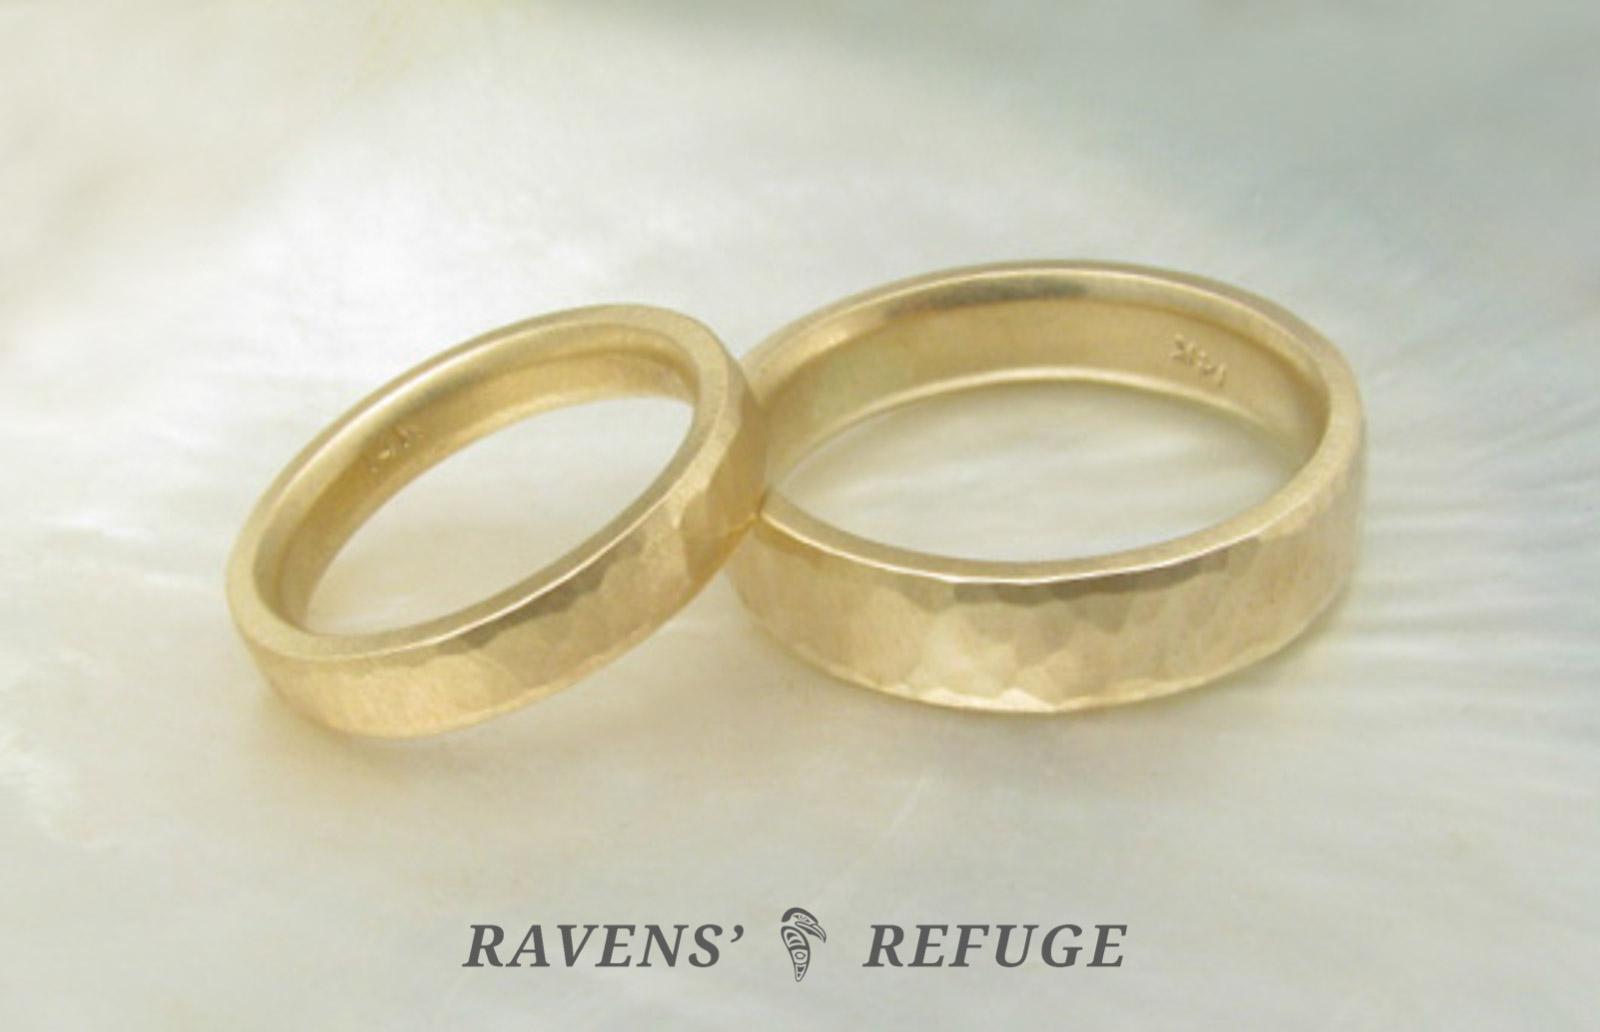 hammered gold rings � matching wedding bands ravens refuge